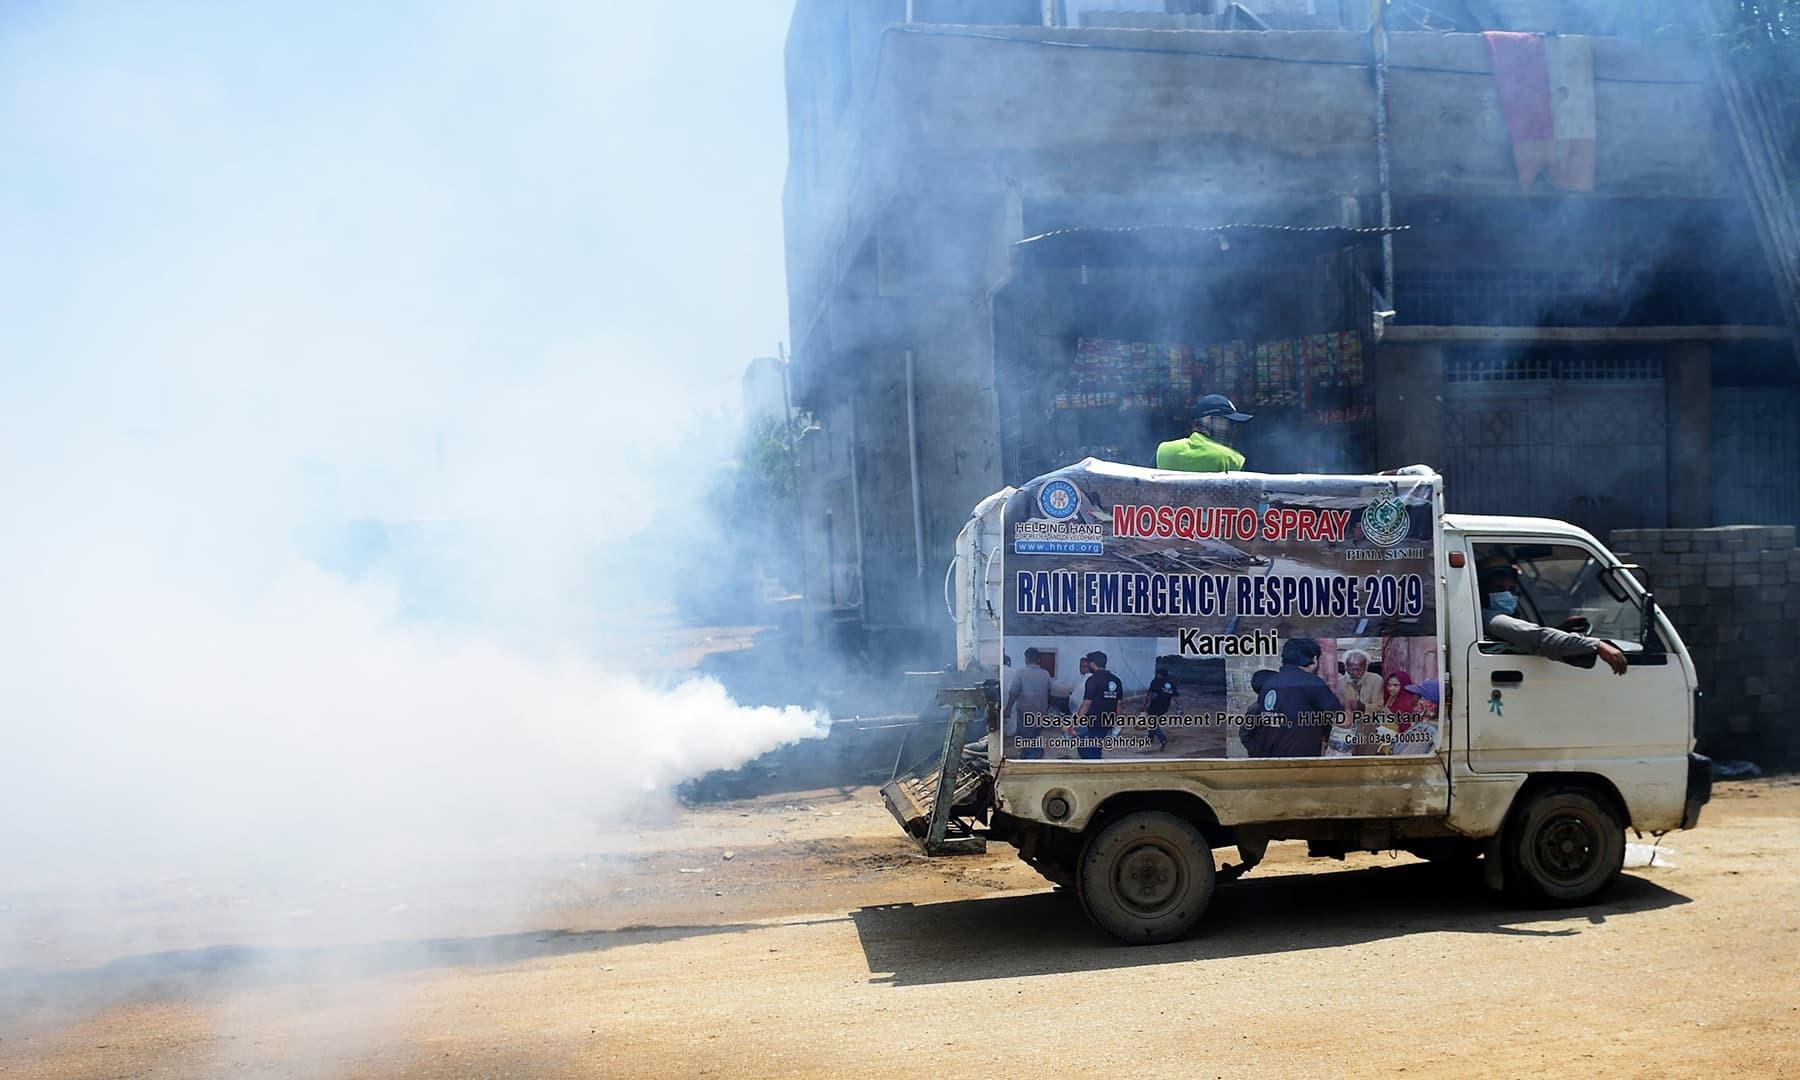 شہری انتظامیہ کو ناقص انتظامات پر شدید تنقید کا بھی سامنا کرنا پڑا—فوٹو:اے ایف پی